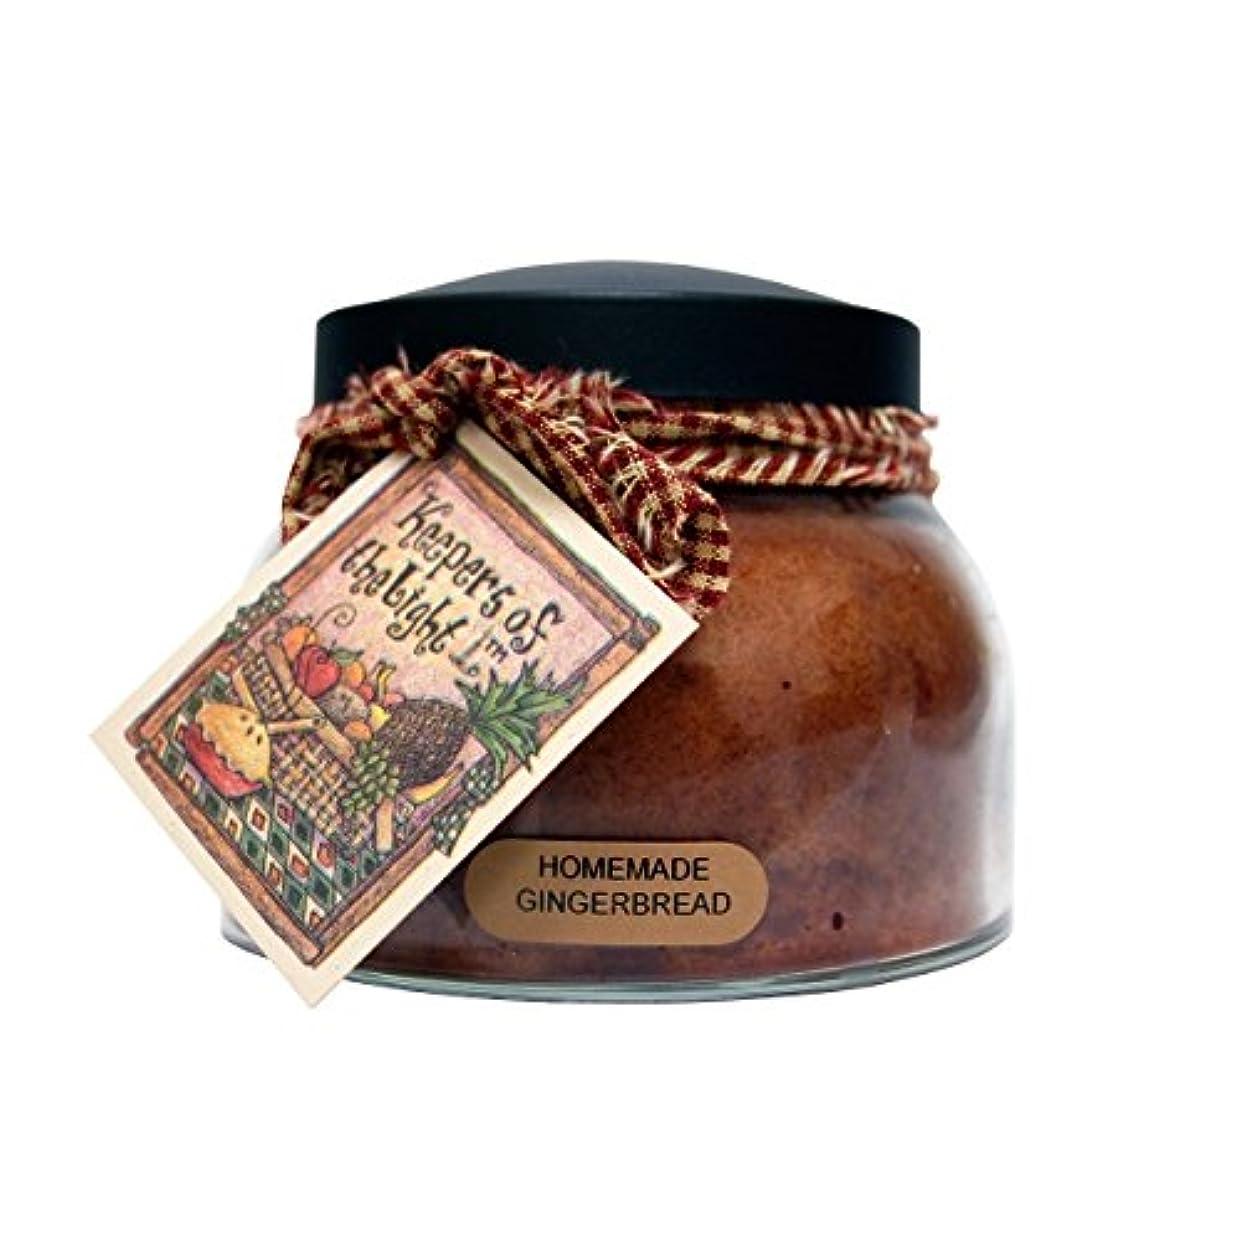 グリップ二層ナプキンA Cheerful Giver Homemade Gingerbread Mama Jar Candle, 22-Ounce by Cheerful Giver [並行輸入品]